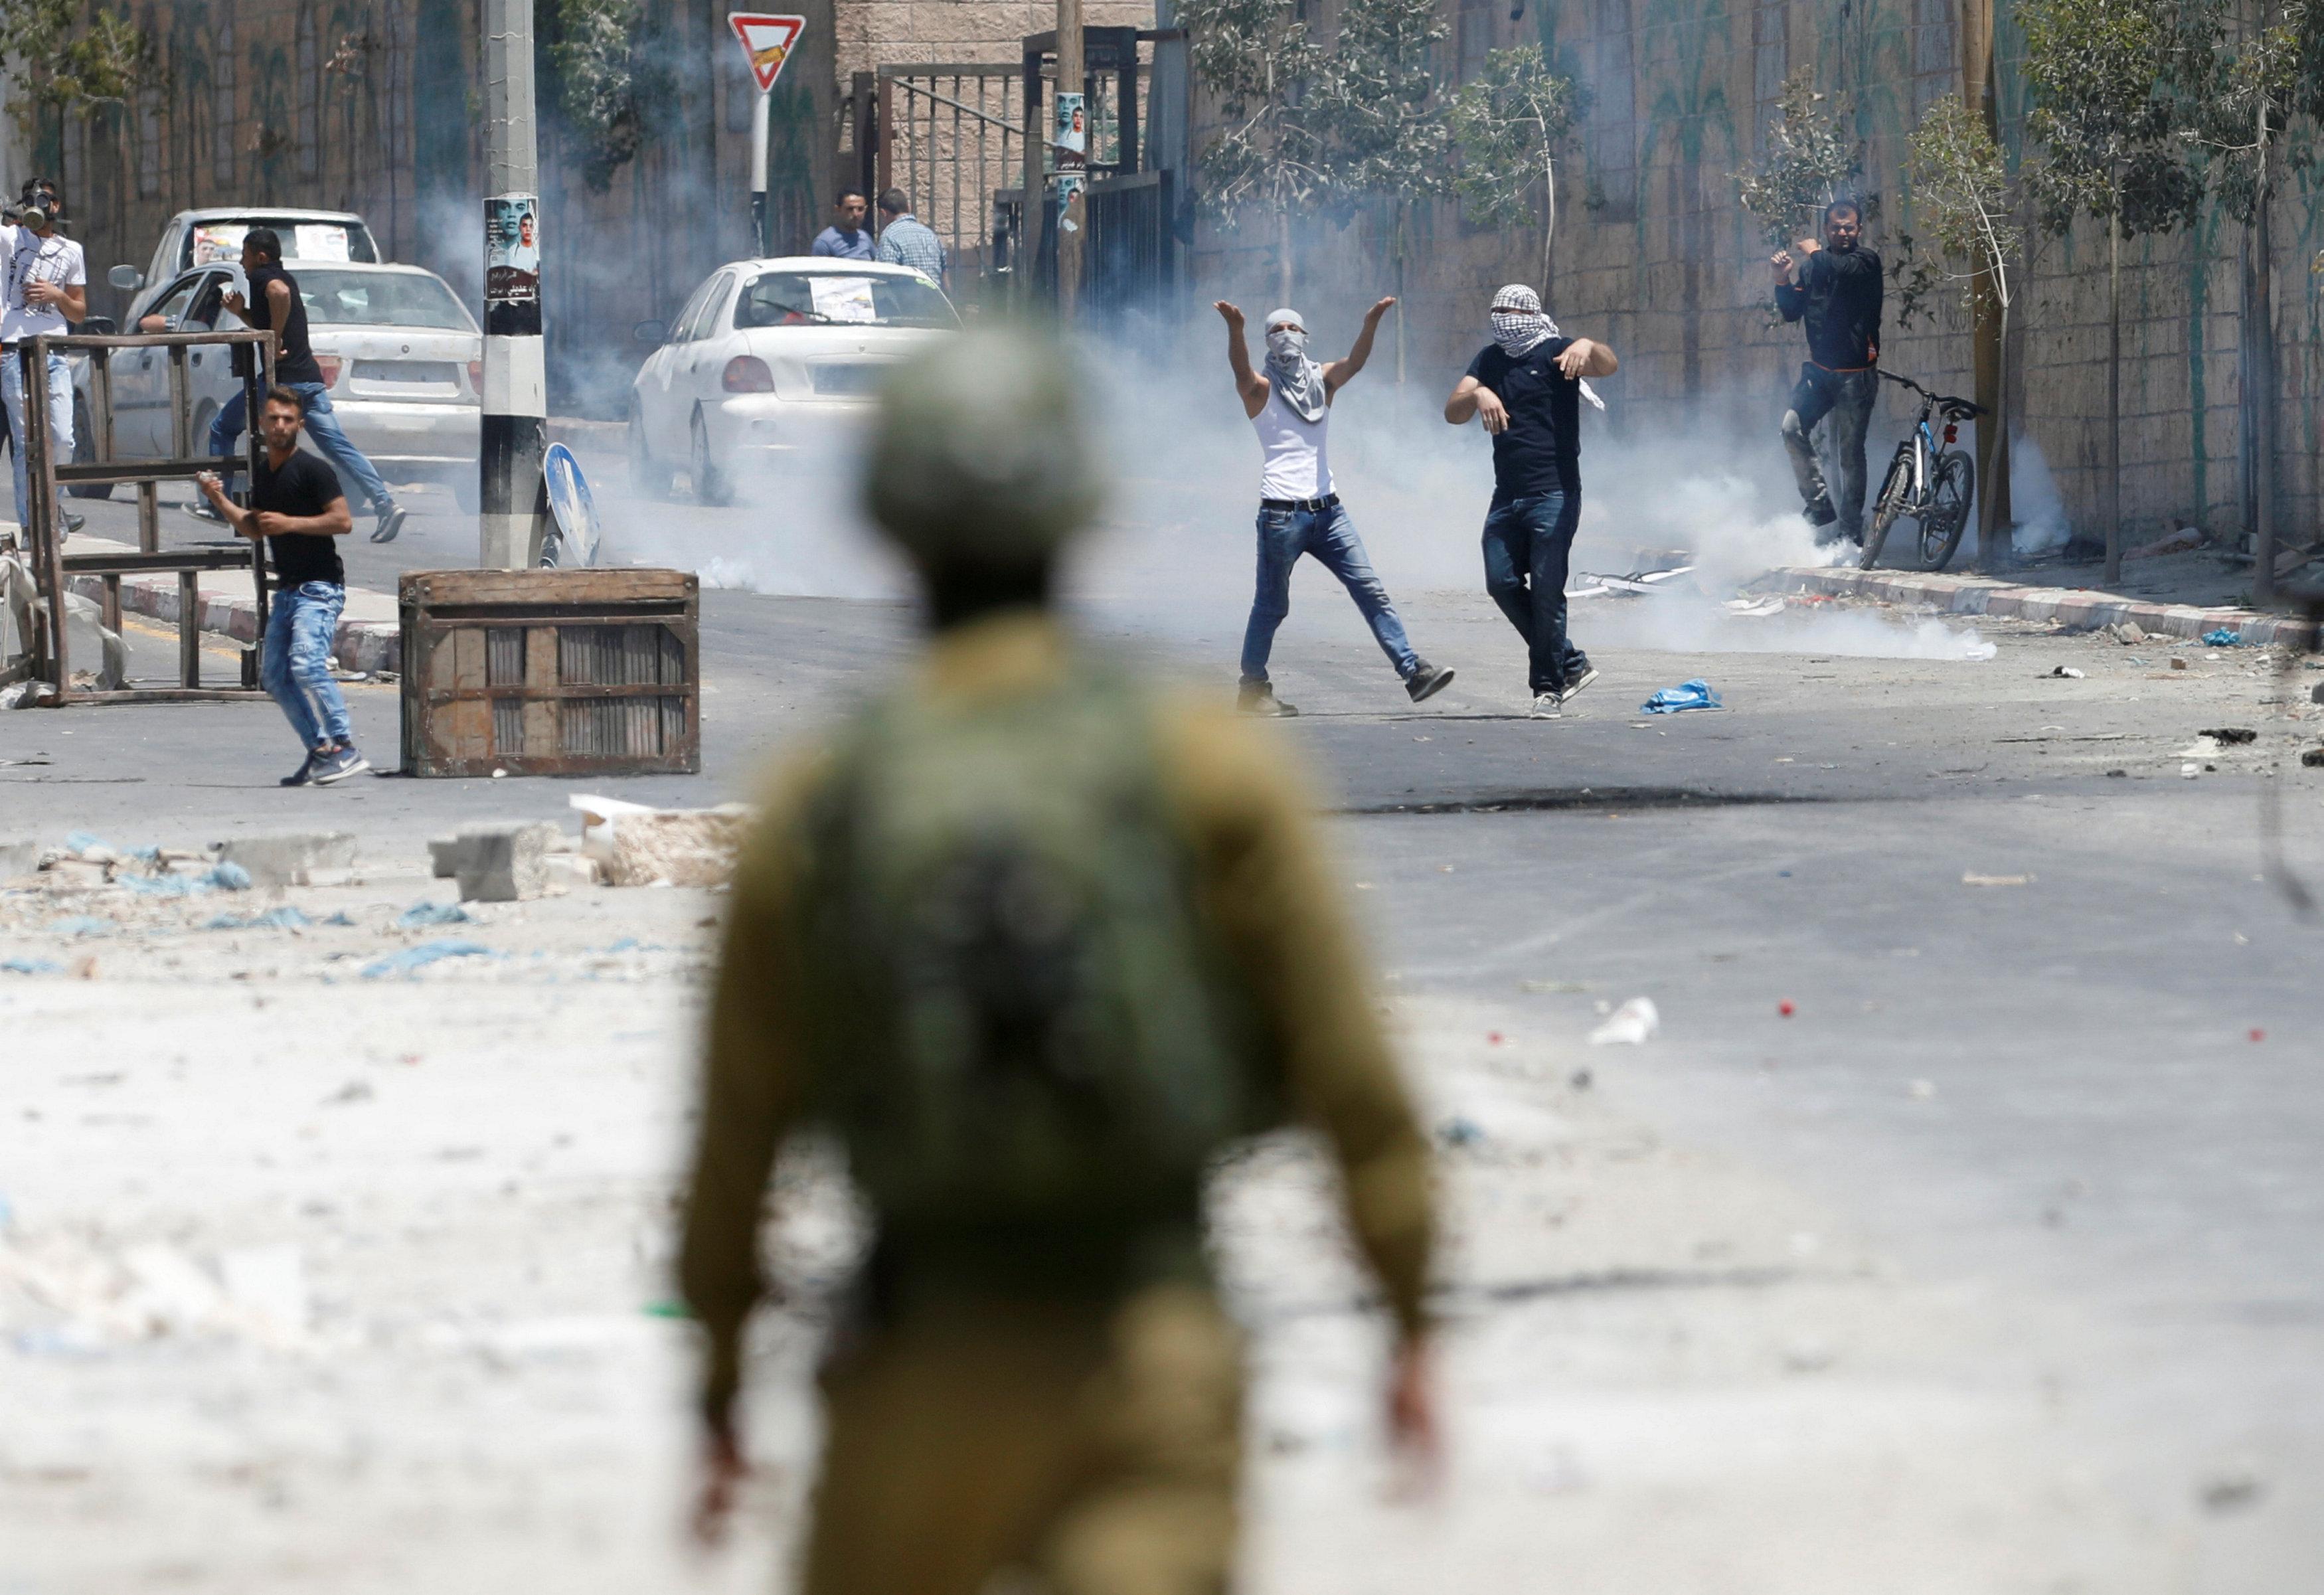 اشتباكات بين متظاهرين فلسطينيين وقوات الاحتلال